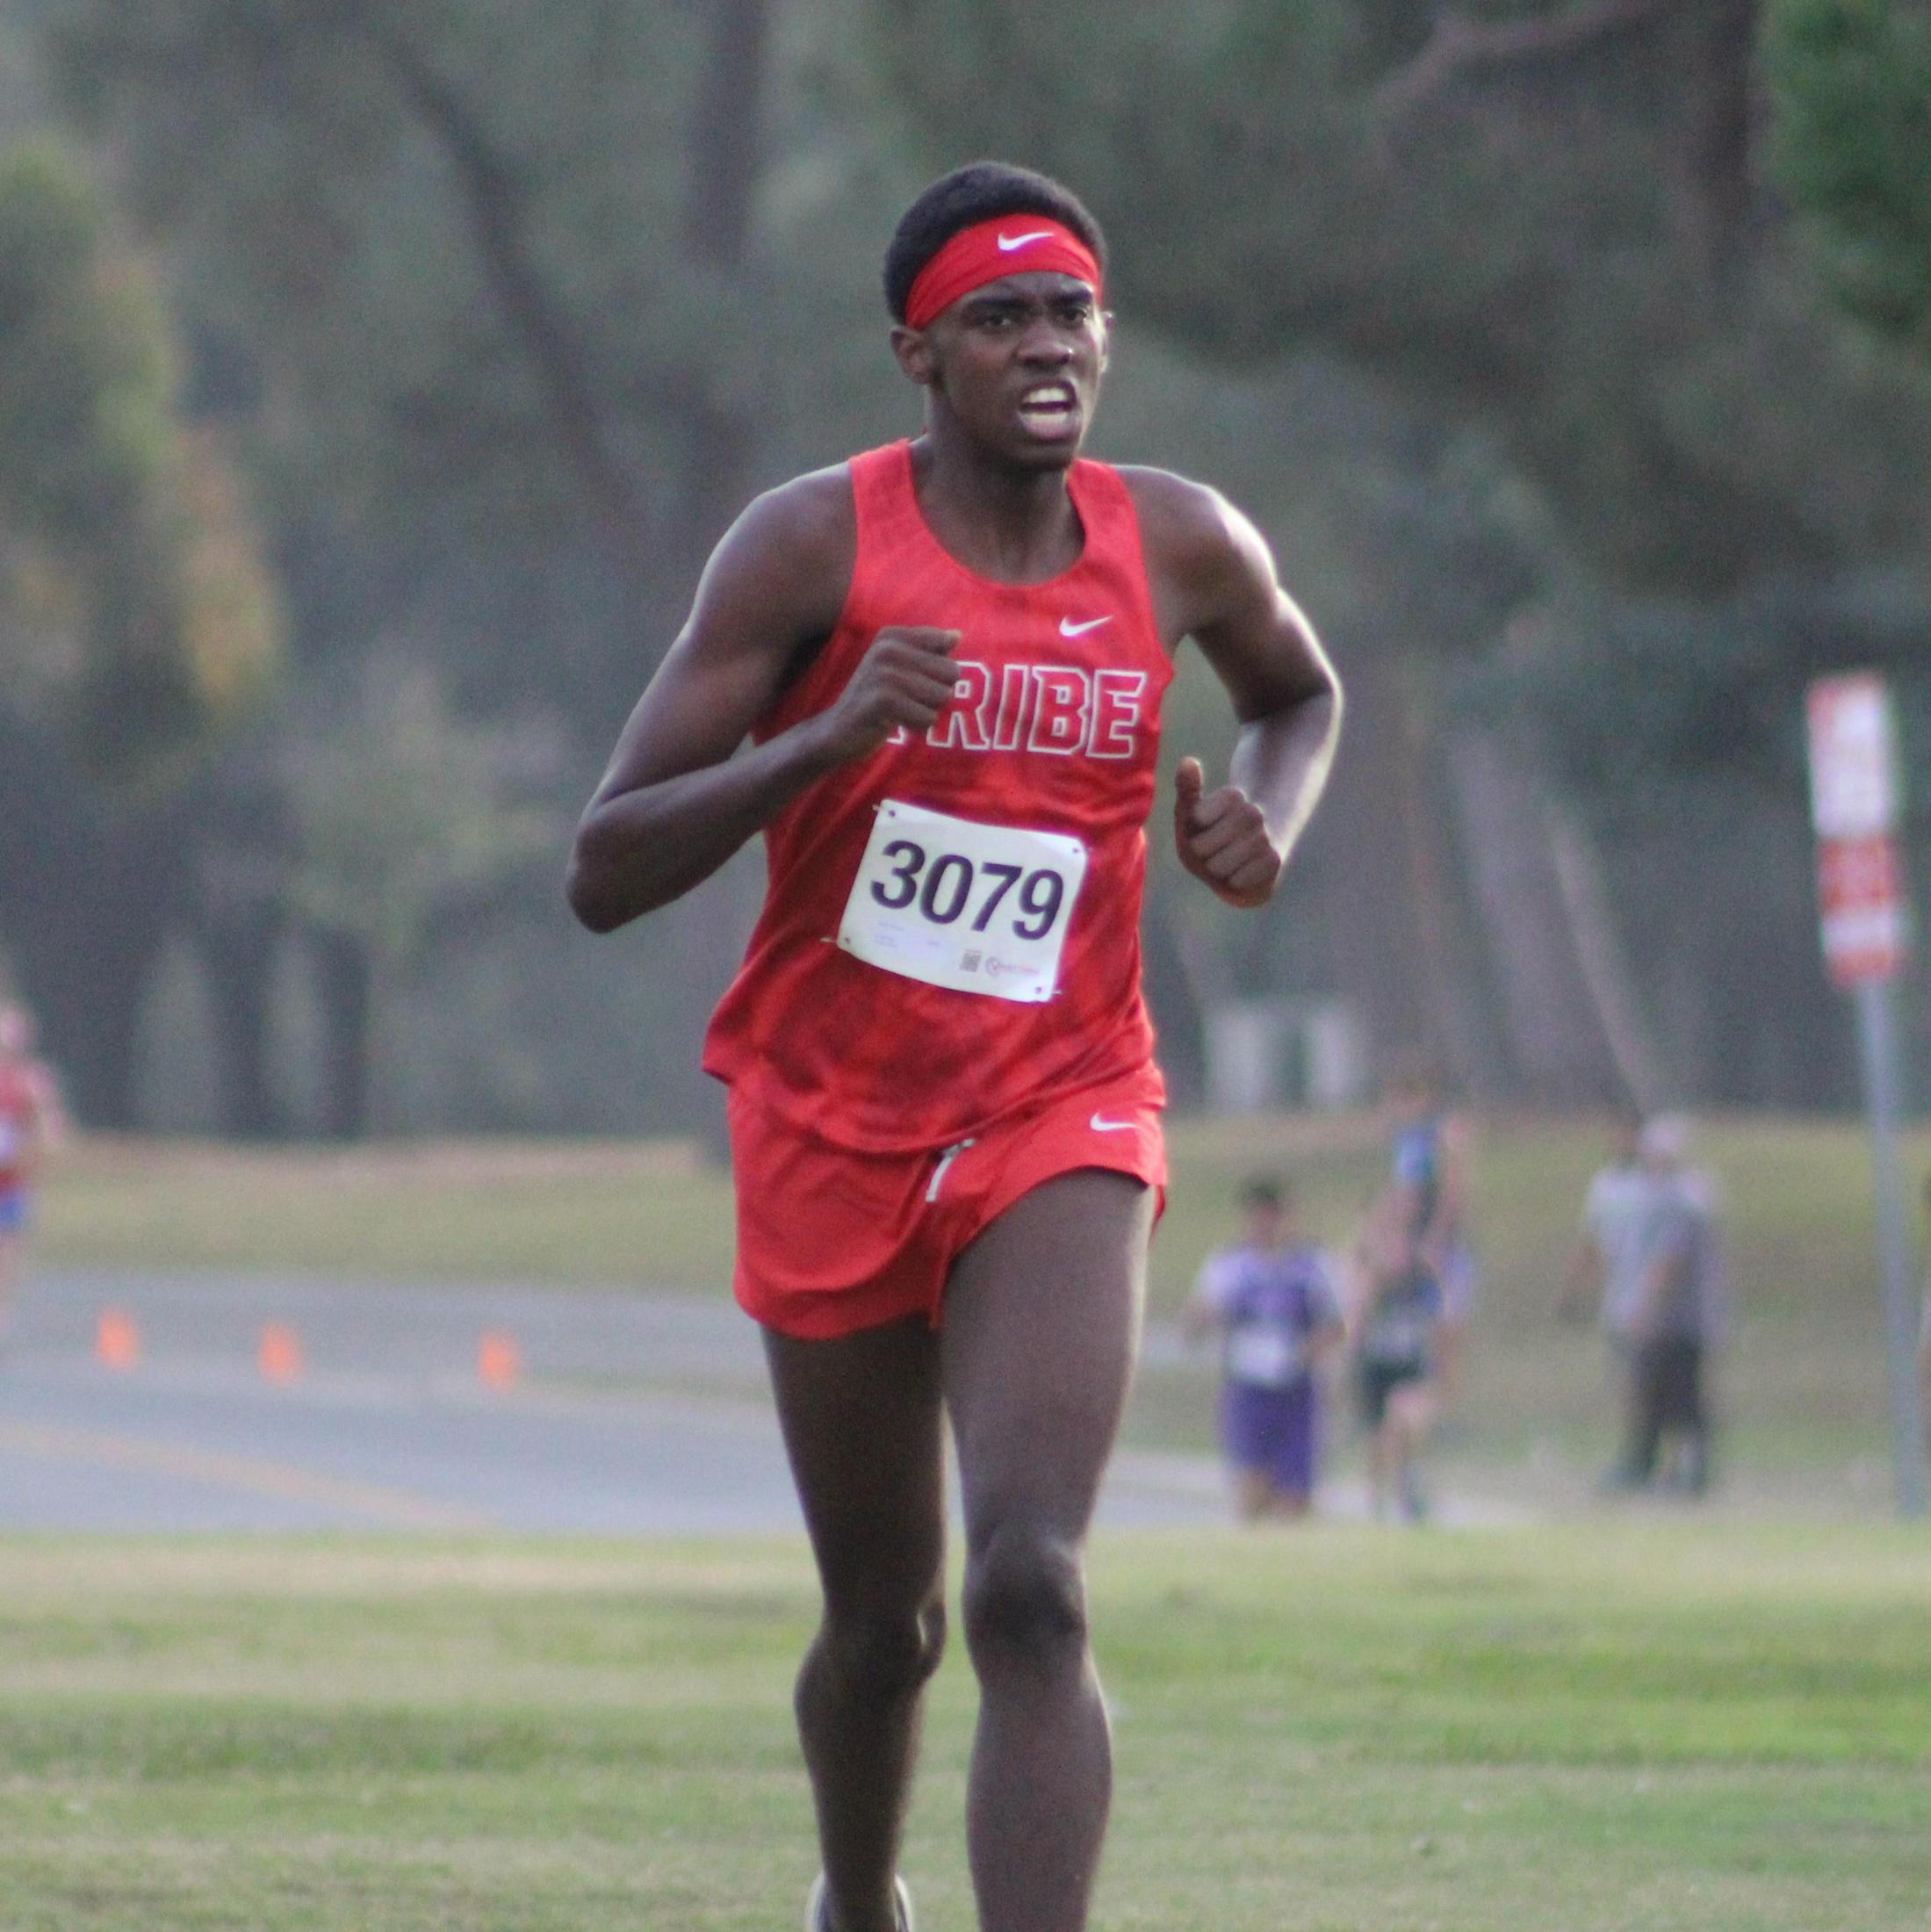 Dajon Davison running towards finish line